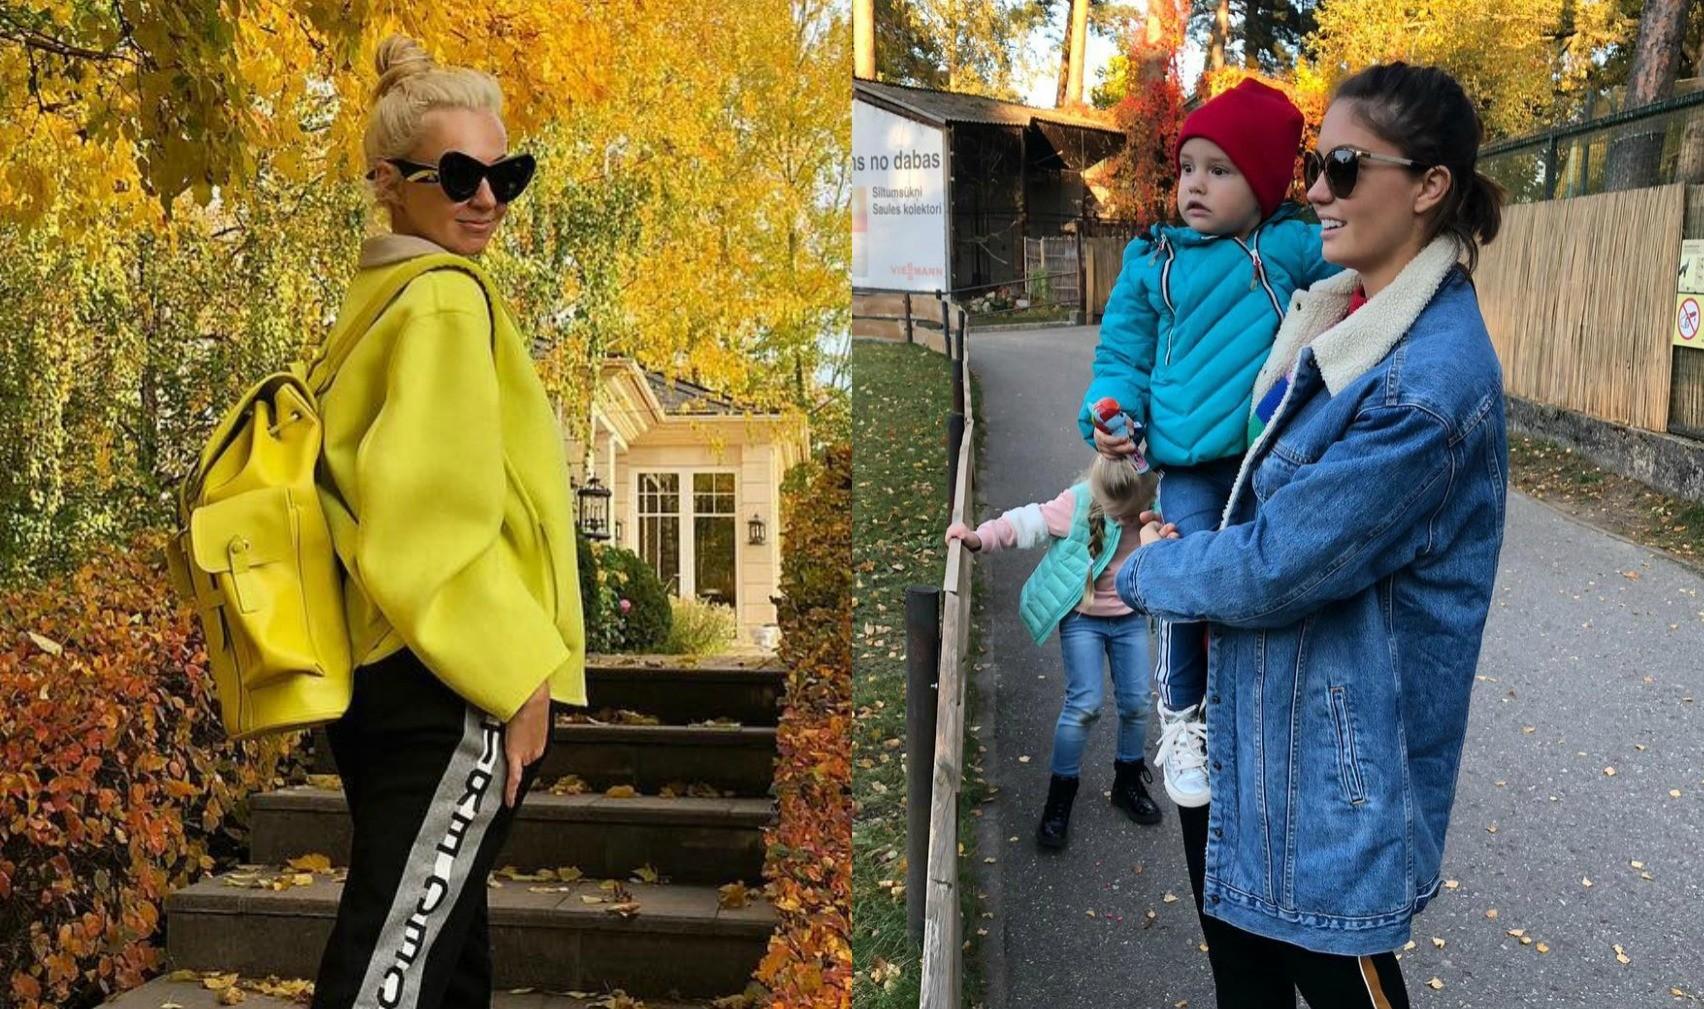 Фото с листьями и не только: Яна Рудковская, Агата Муцениеце и другие звезды показали свою золотую осень